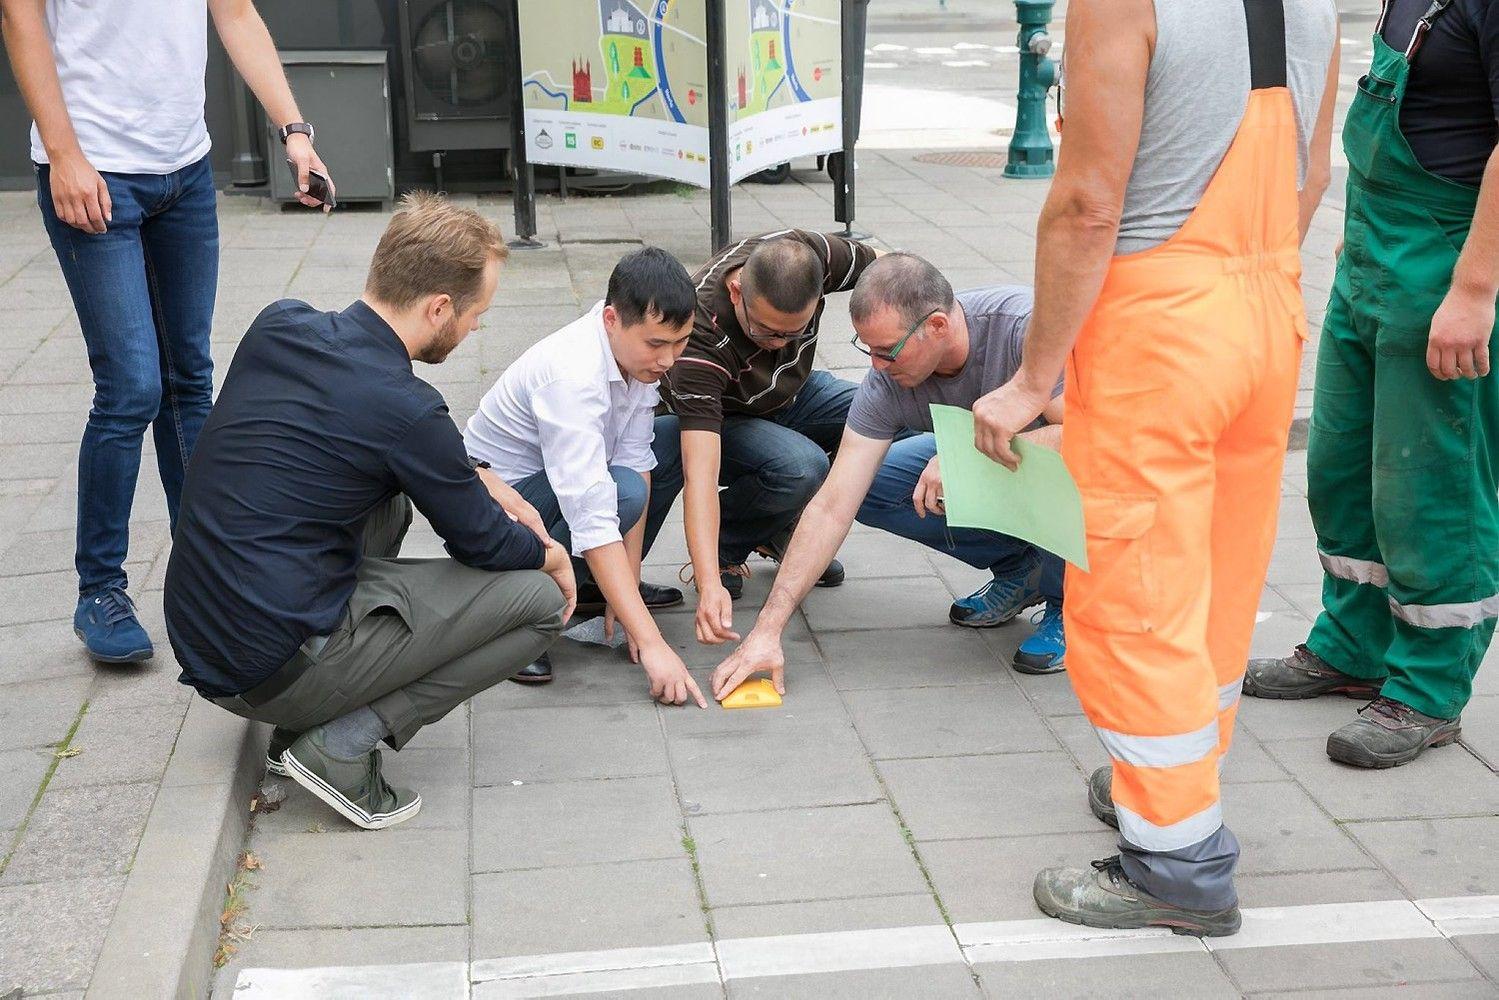 Inovacijos po kojomis – Vilniuje stovėjimo vietas stebės jutikliai